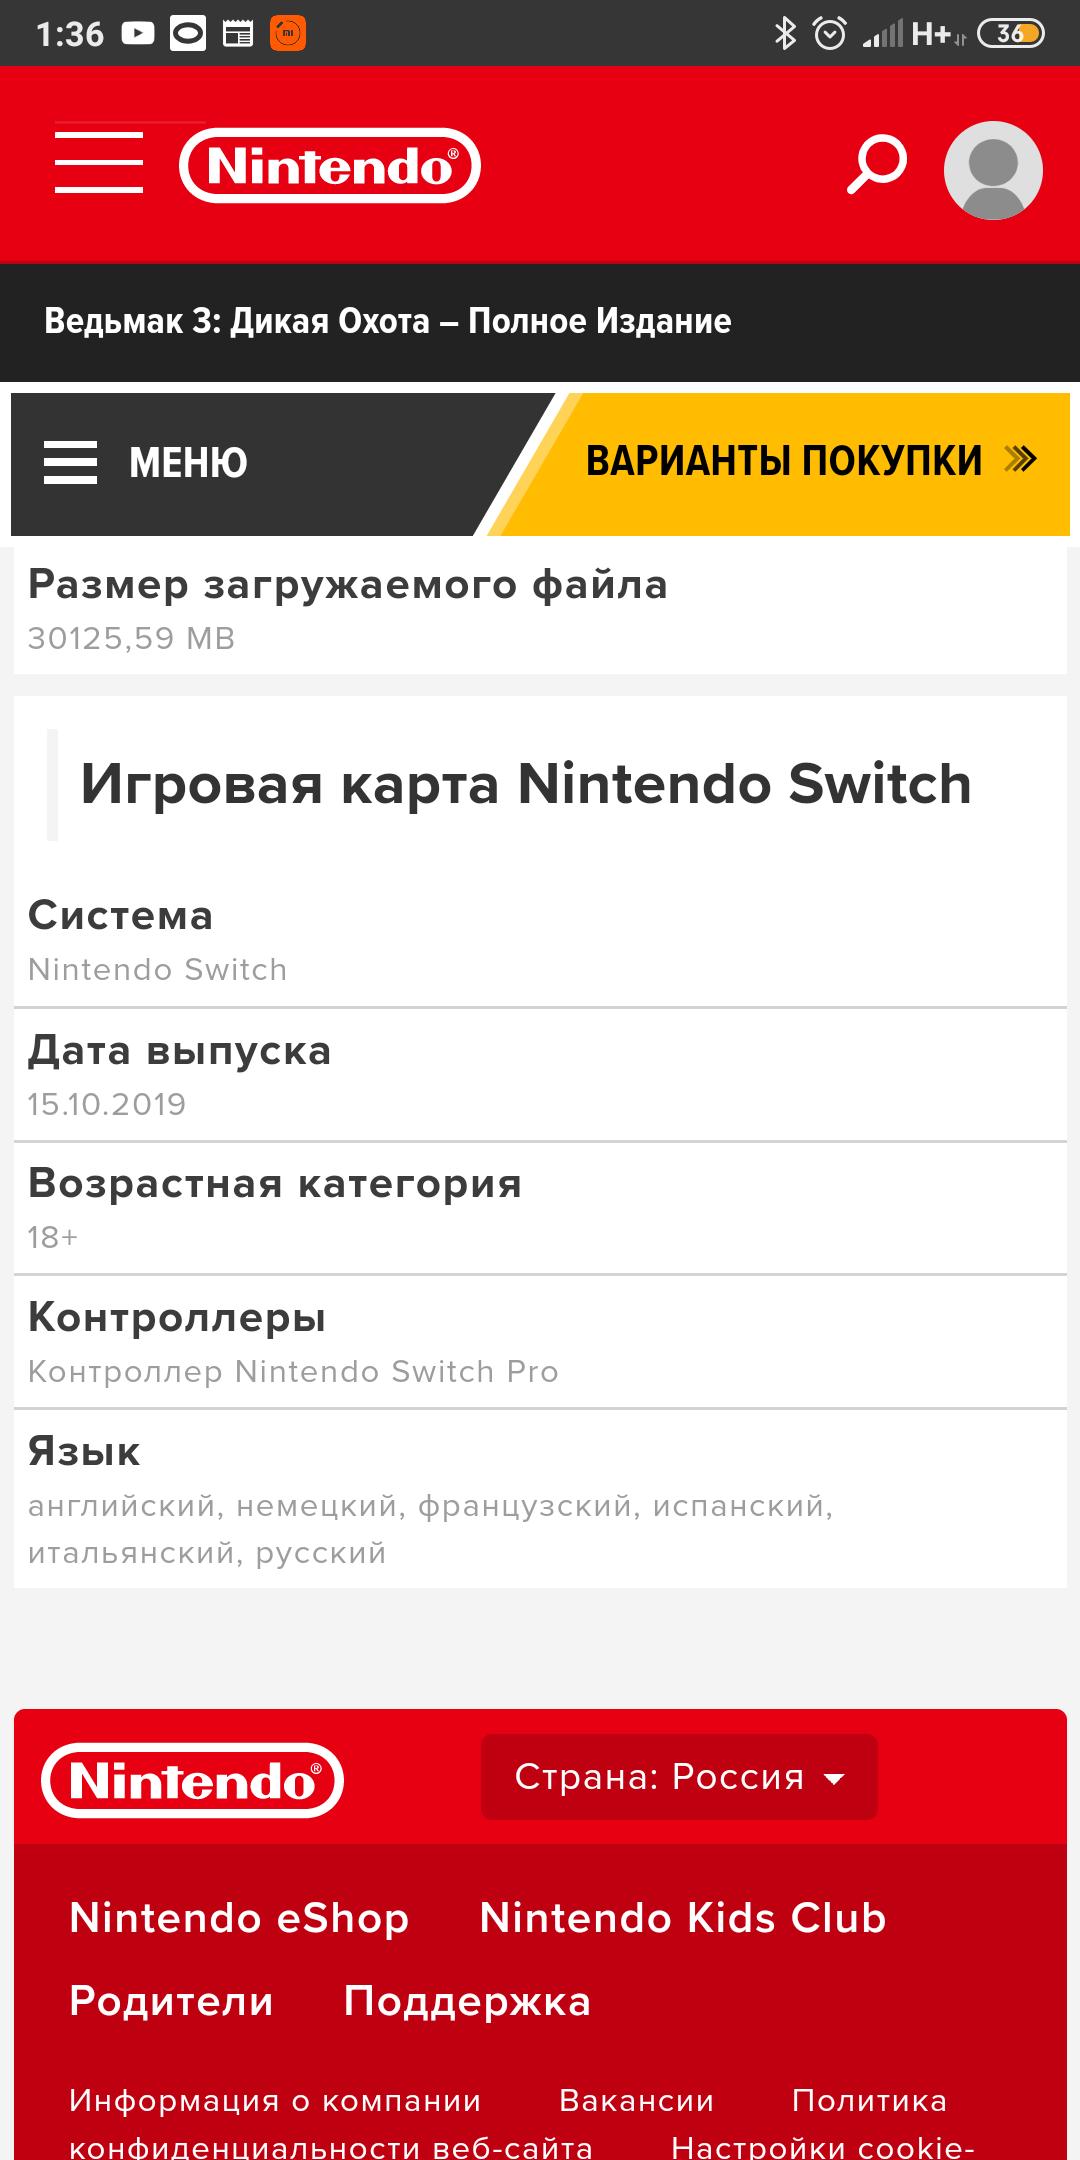 Screenshot_2019-10-17-01-36-19-395_com.android.chrome.png